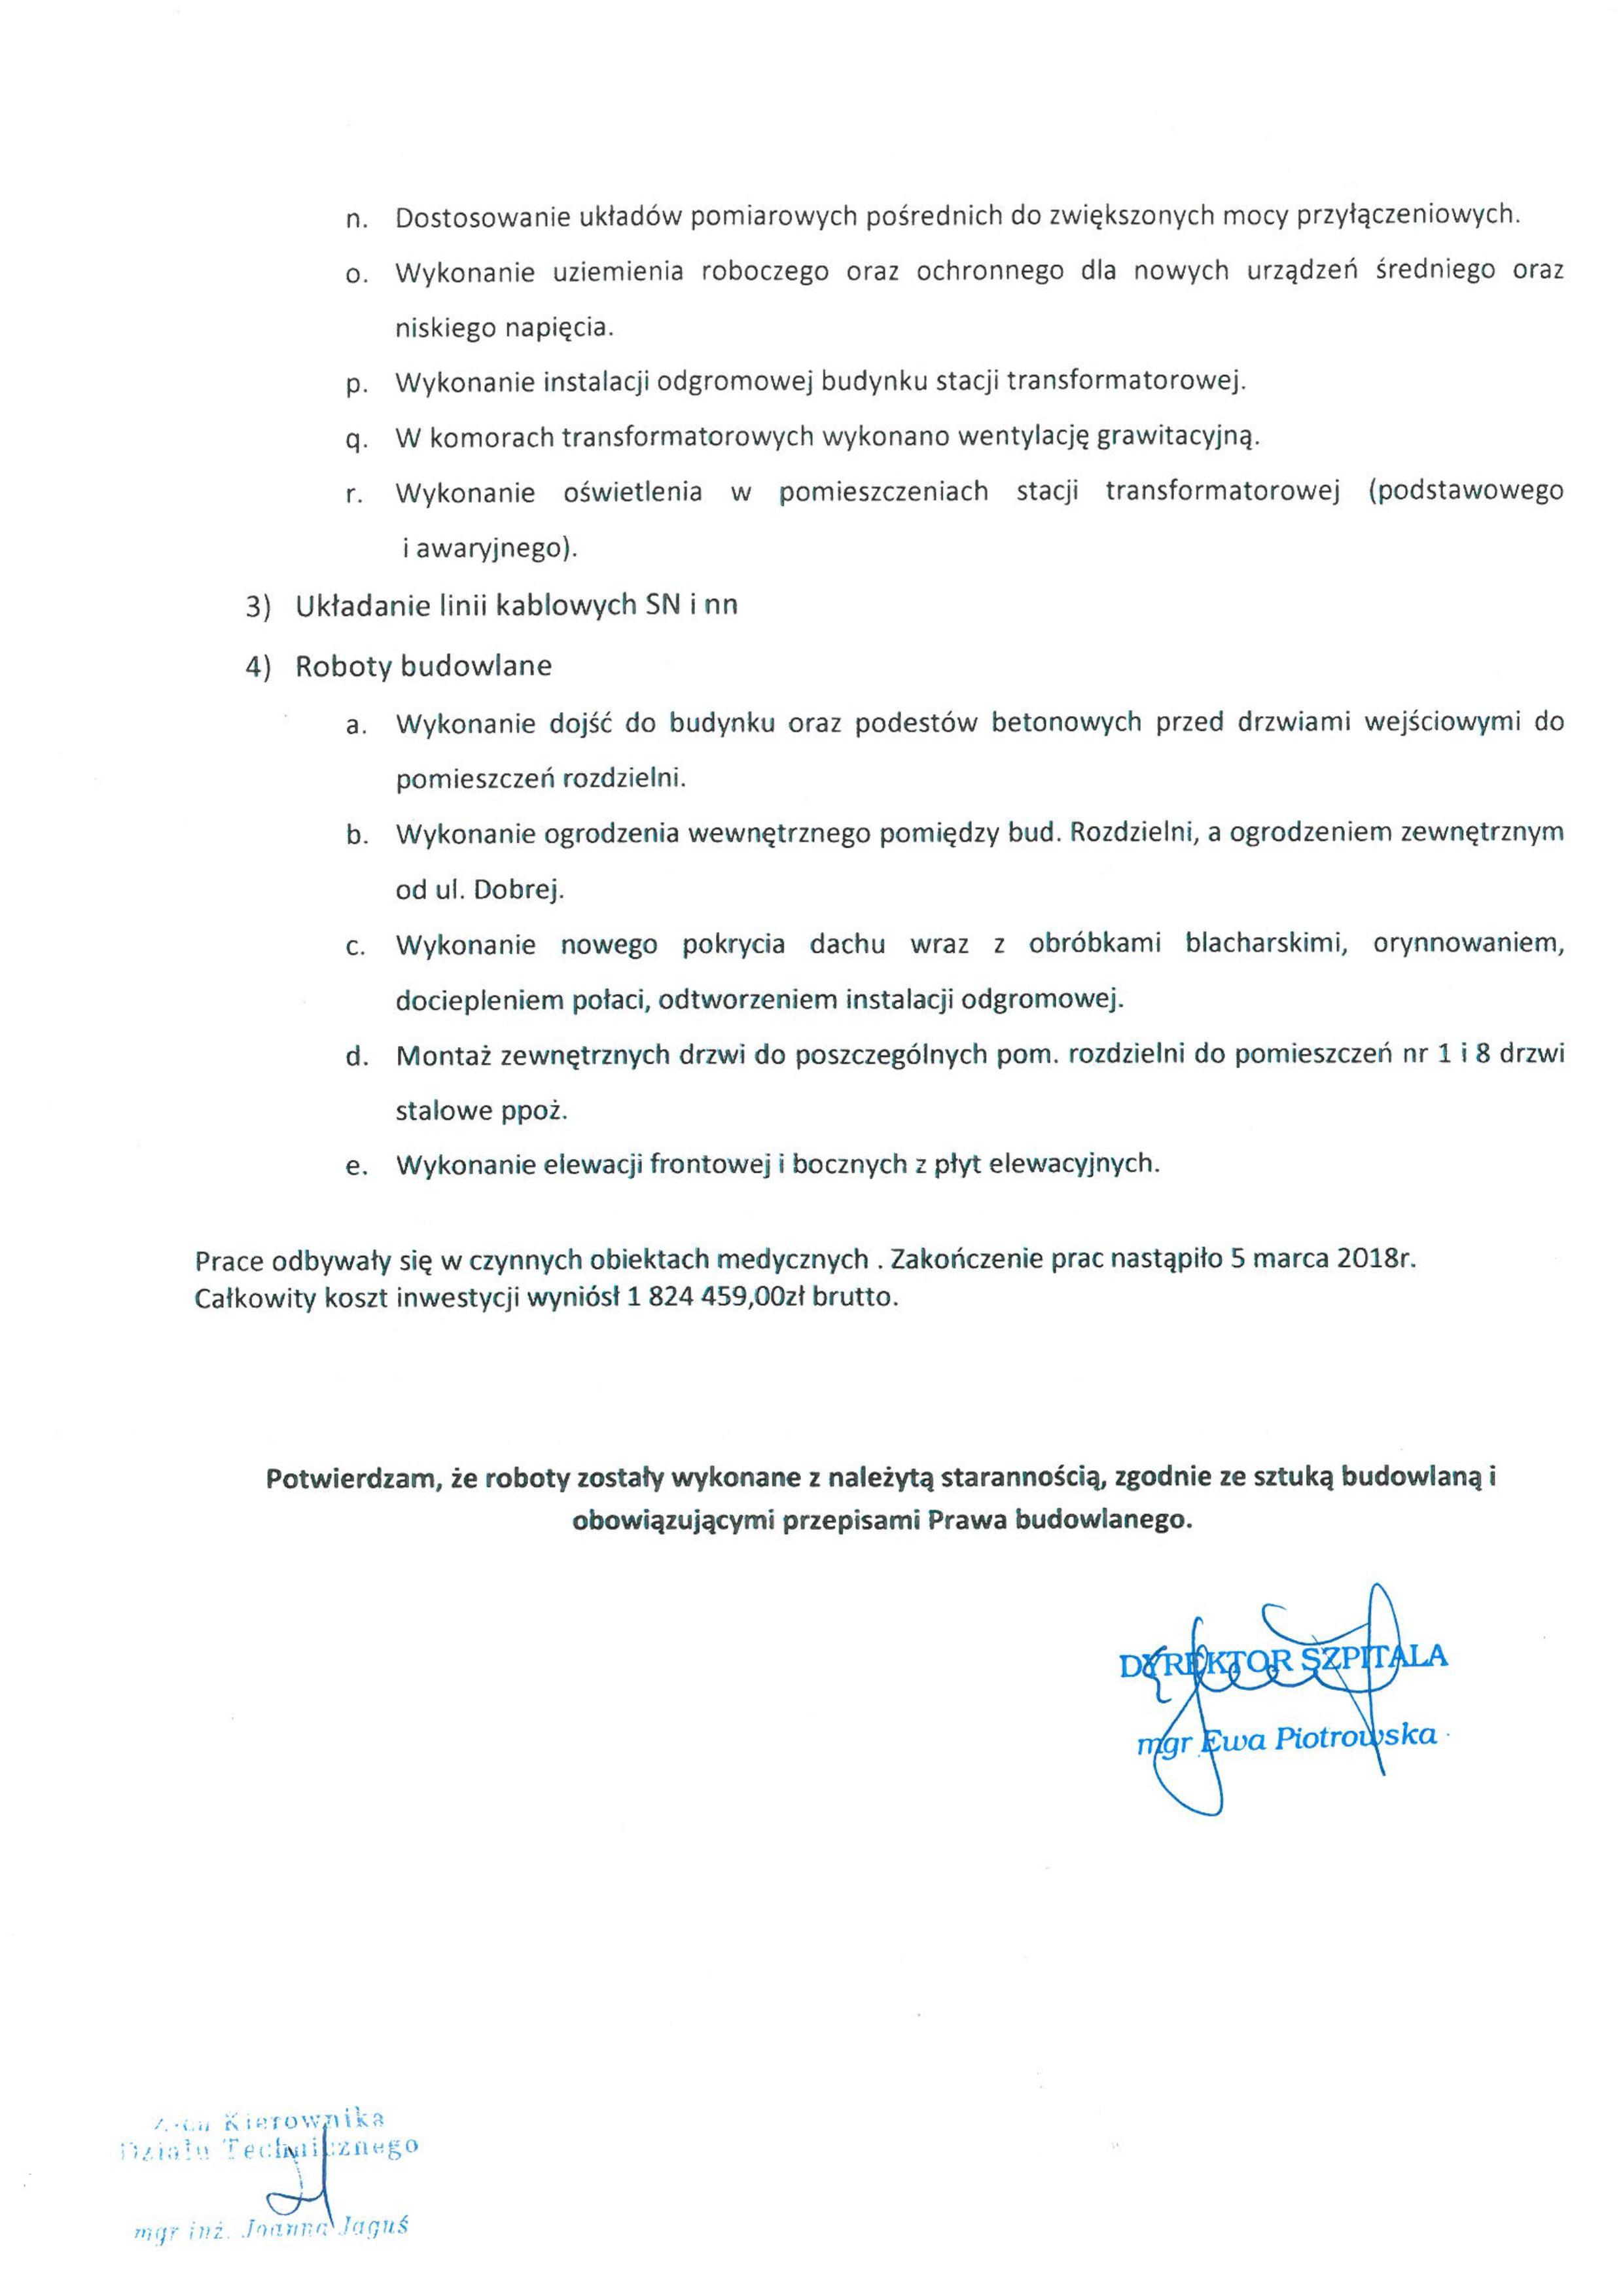 SzpitalKarowa2